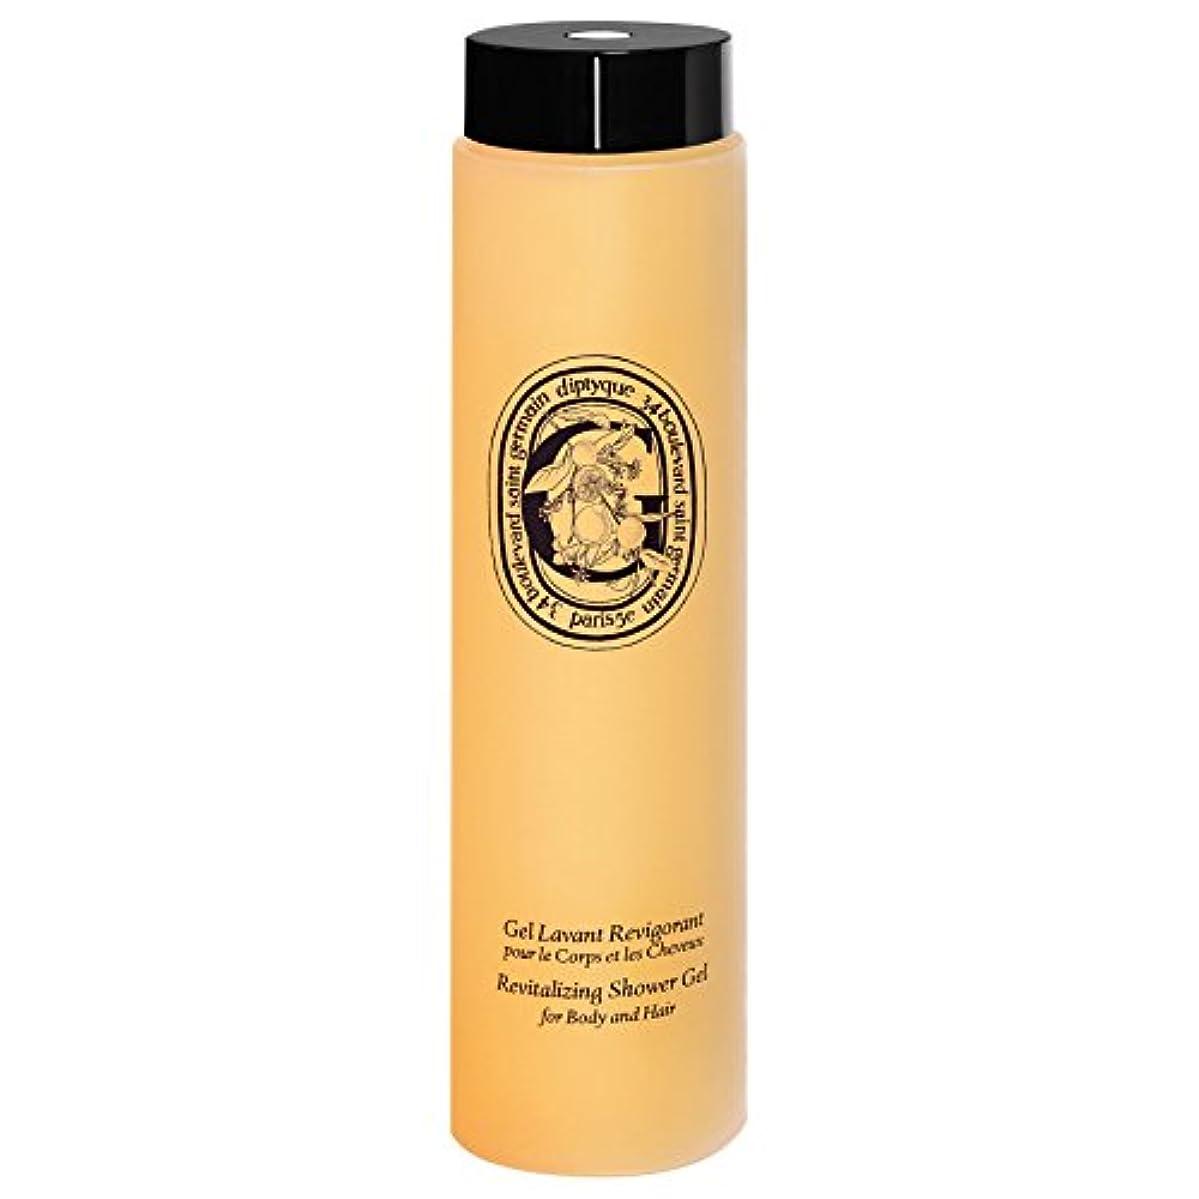 後者ピークトンネル[Diptyque] ボディ、ヘア200ミリリットルのためDiptyqueのリバイタライジングシャワージェル - Diptyque Revitalising Shower Gel For Body And Hair 200ml...